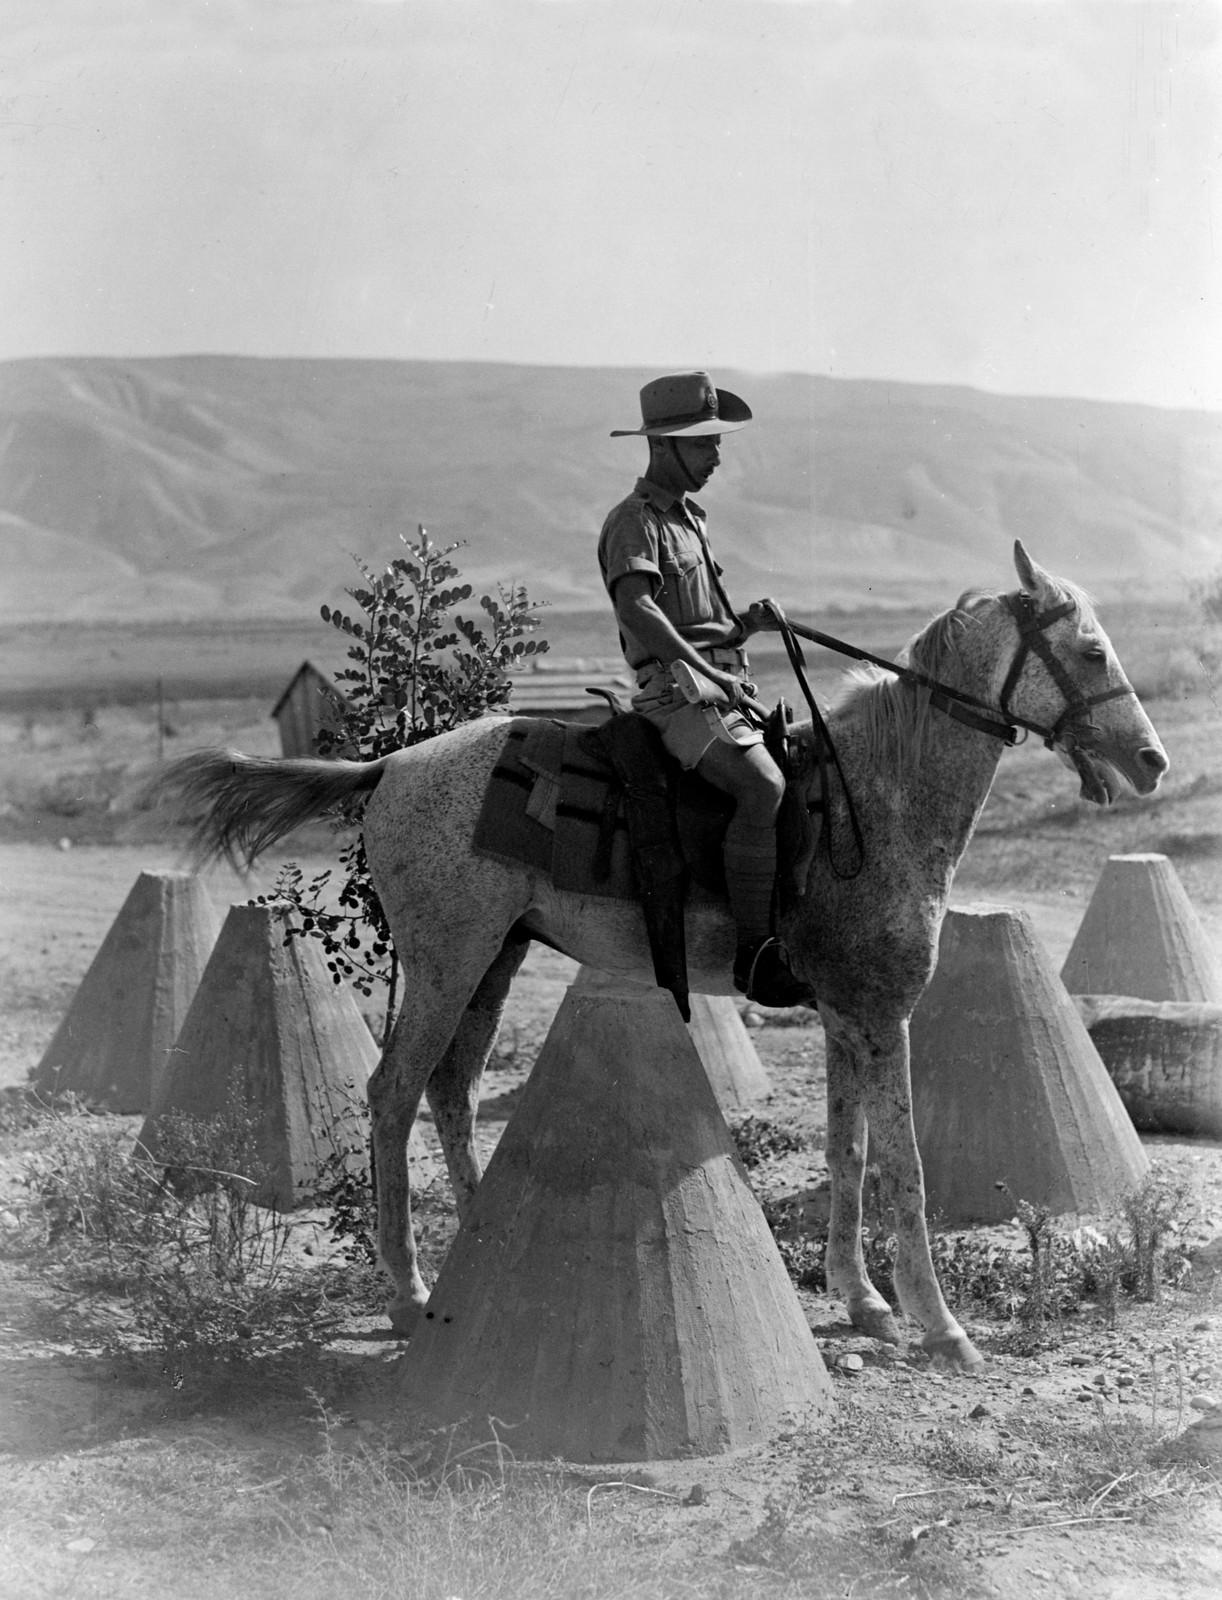 1942. Еврейская поселенческая полиция в Иорданской долине. 08.02